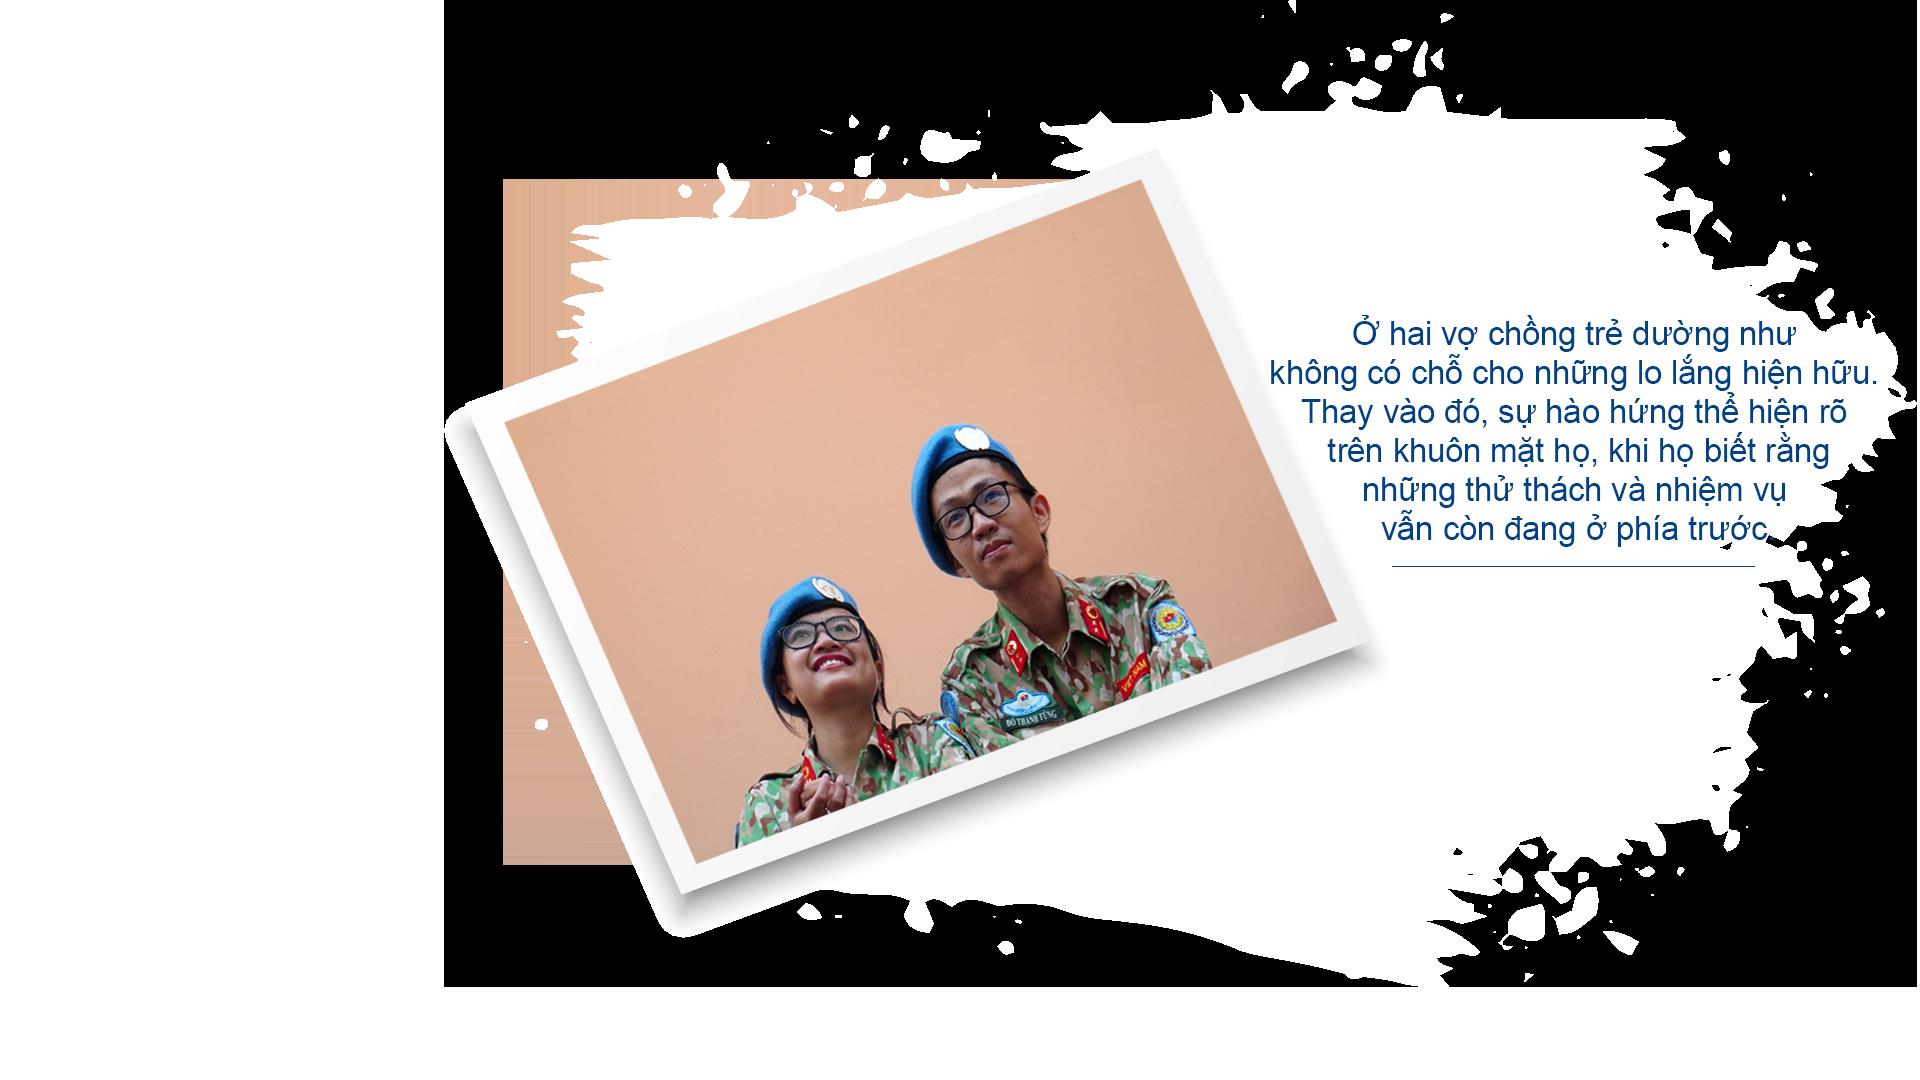 Gác chuyện riêng, vợ chồng mũ nồi xanh lên đường gìn giữ hòa bình - Ảnh 12.